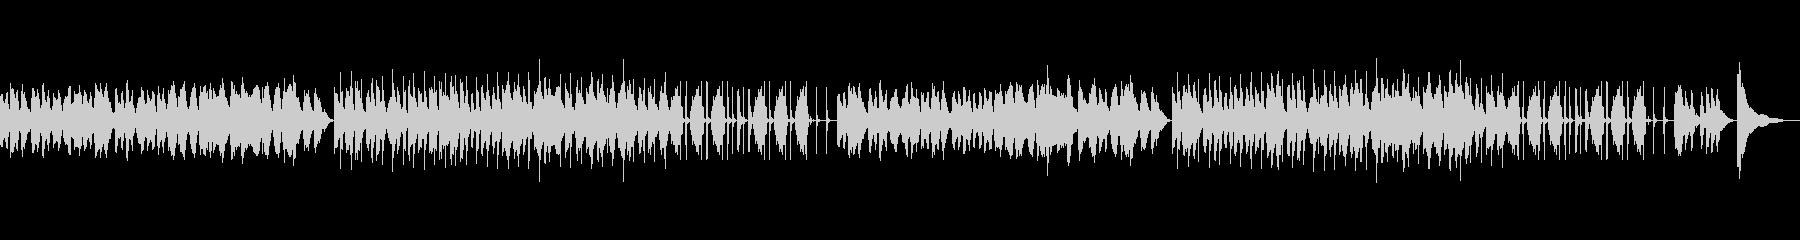 ボノボノとした日常的なインストの未再生の波形